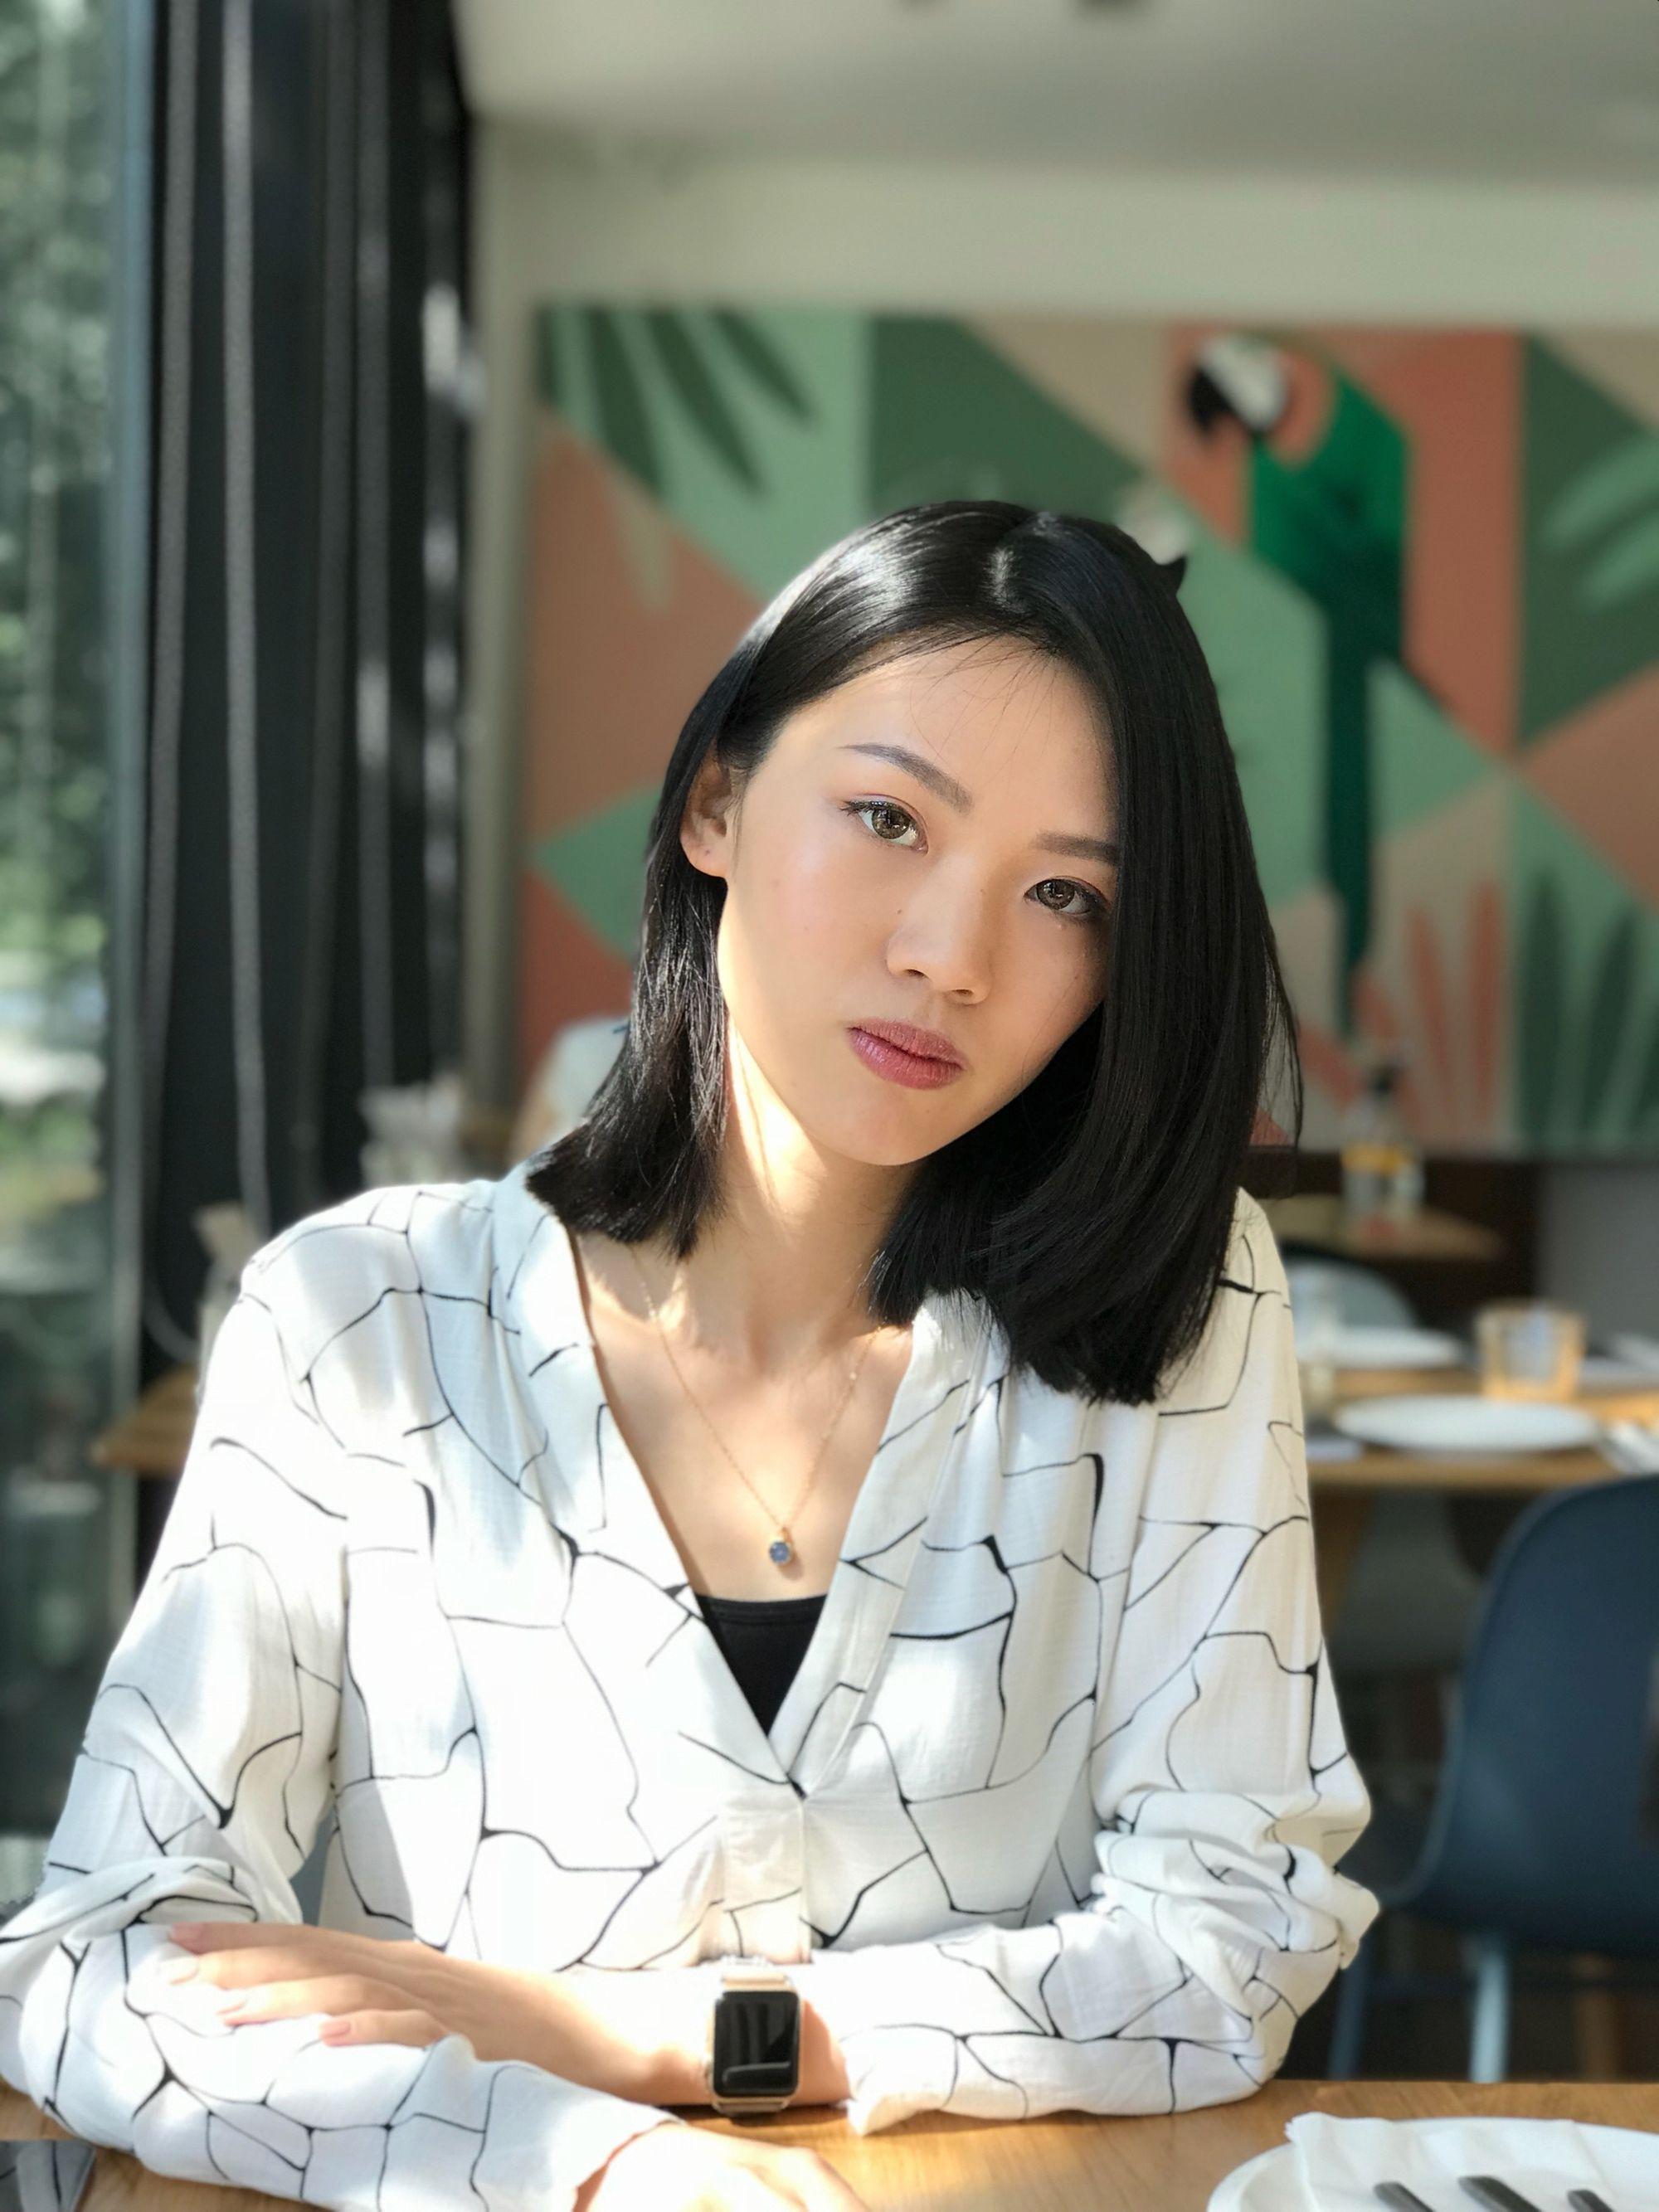 Jingru Zhang